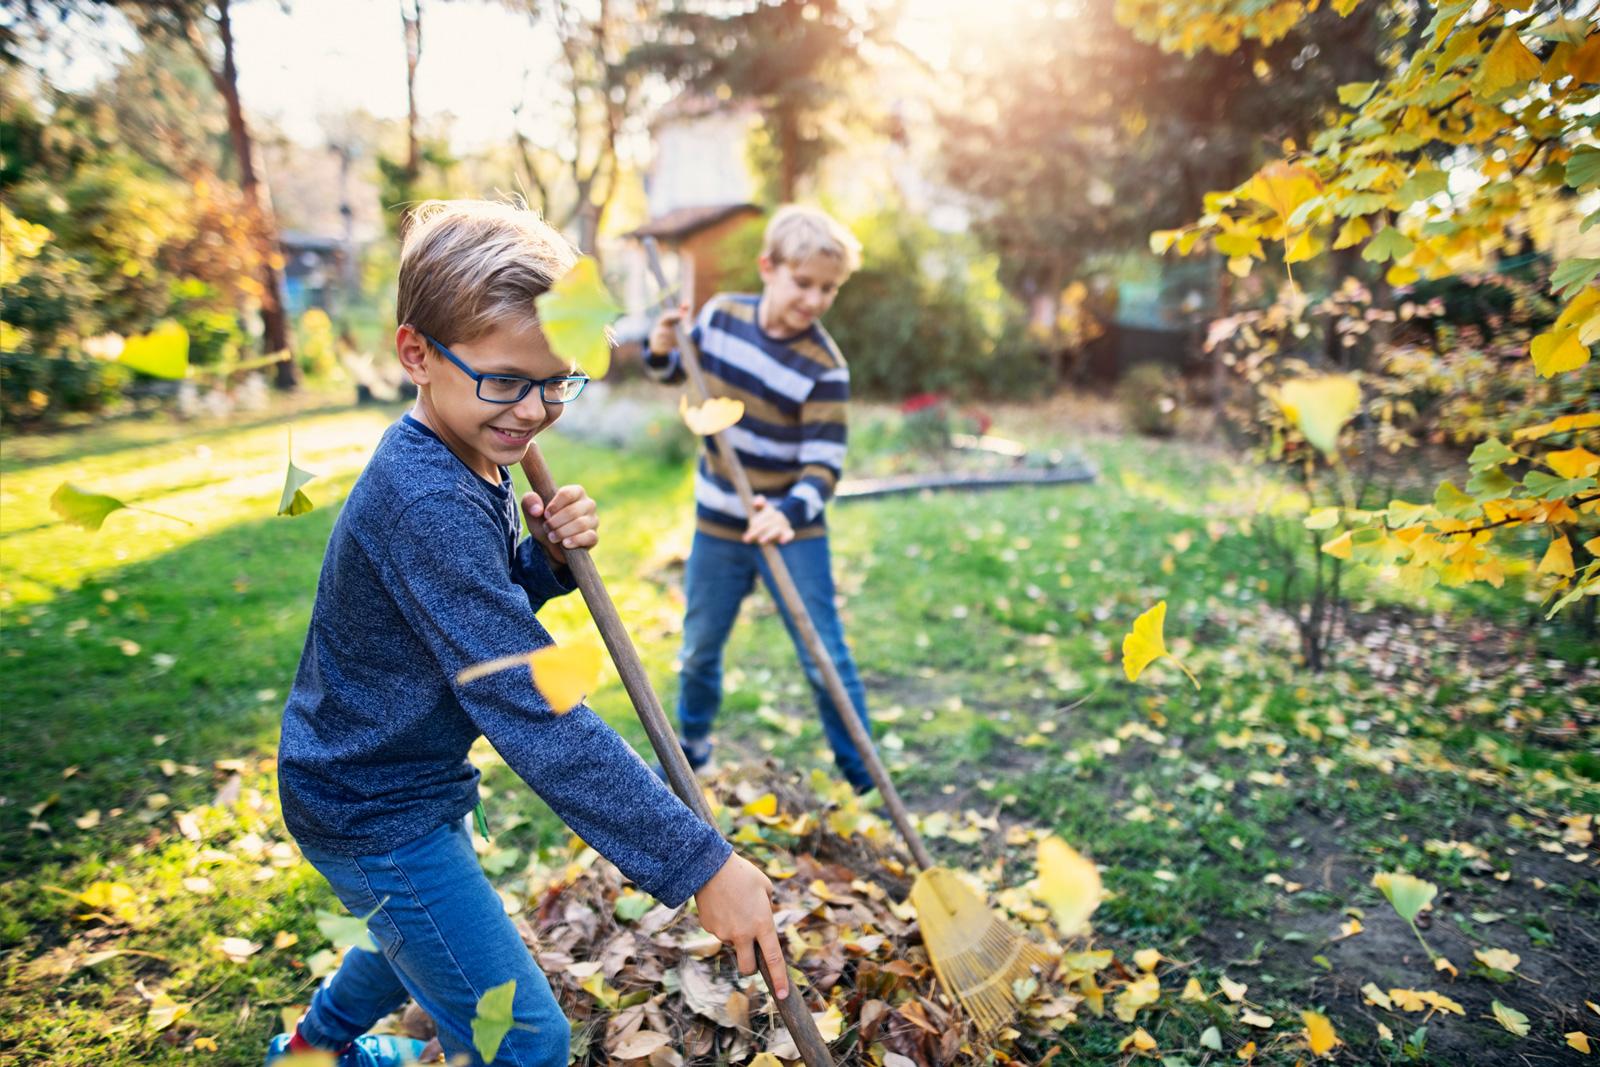 Laub sollte regelmäßig vom Rasen entfernt werden.